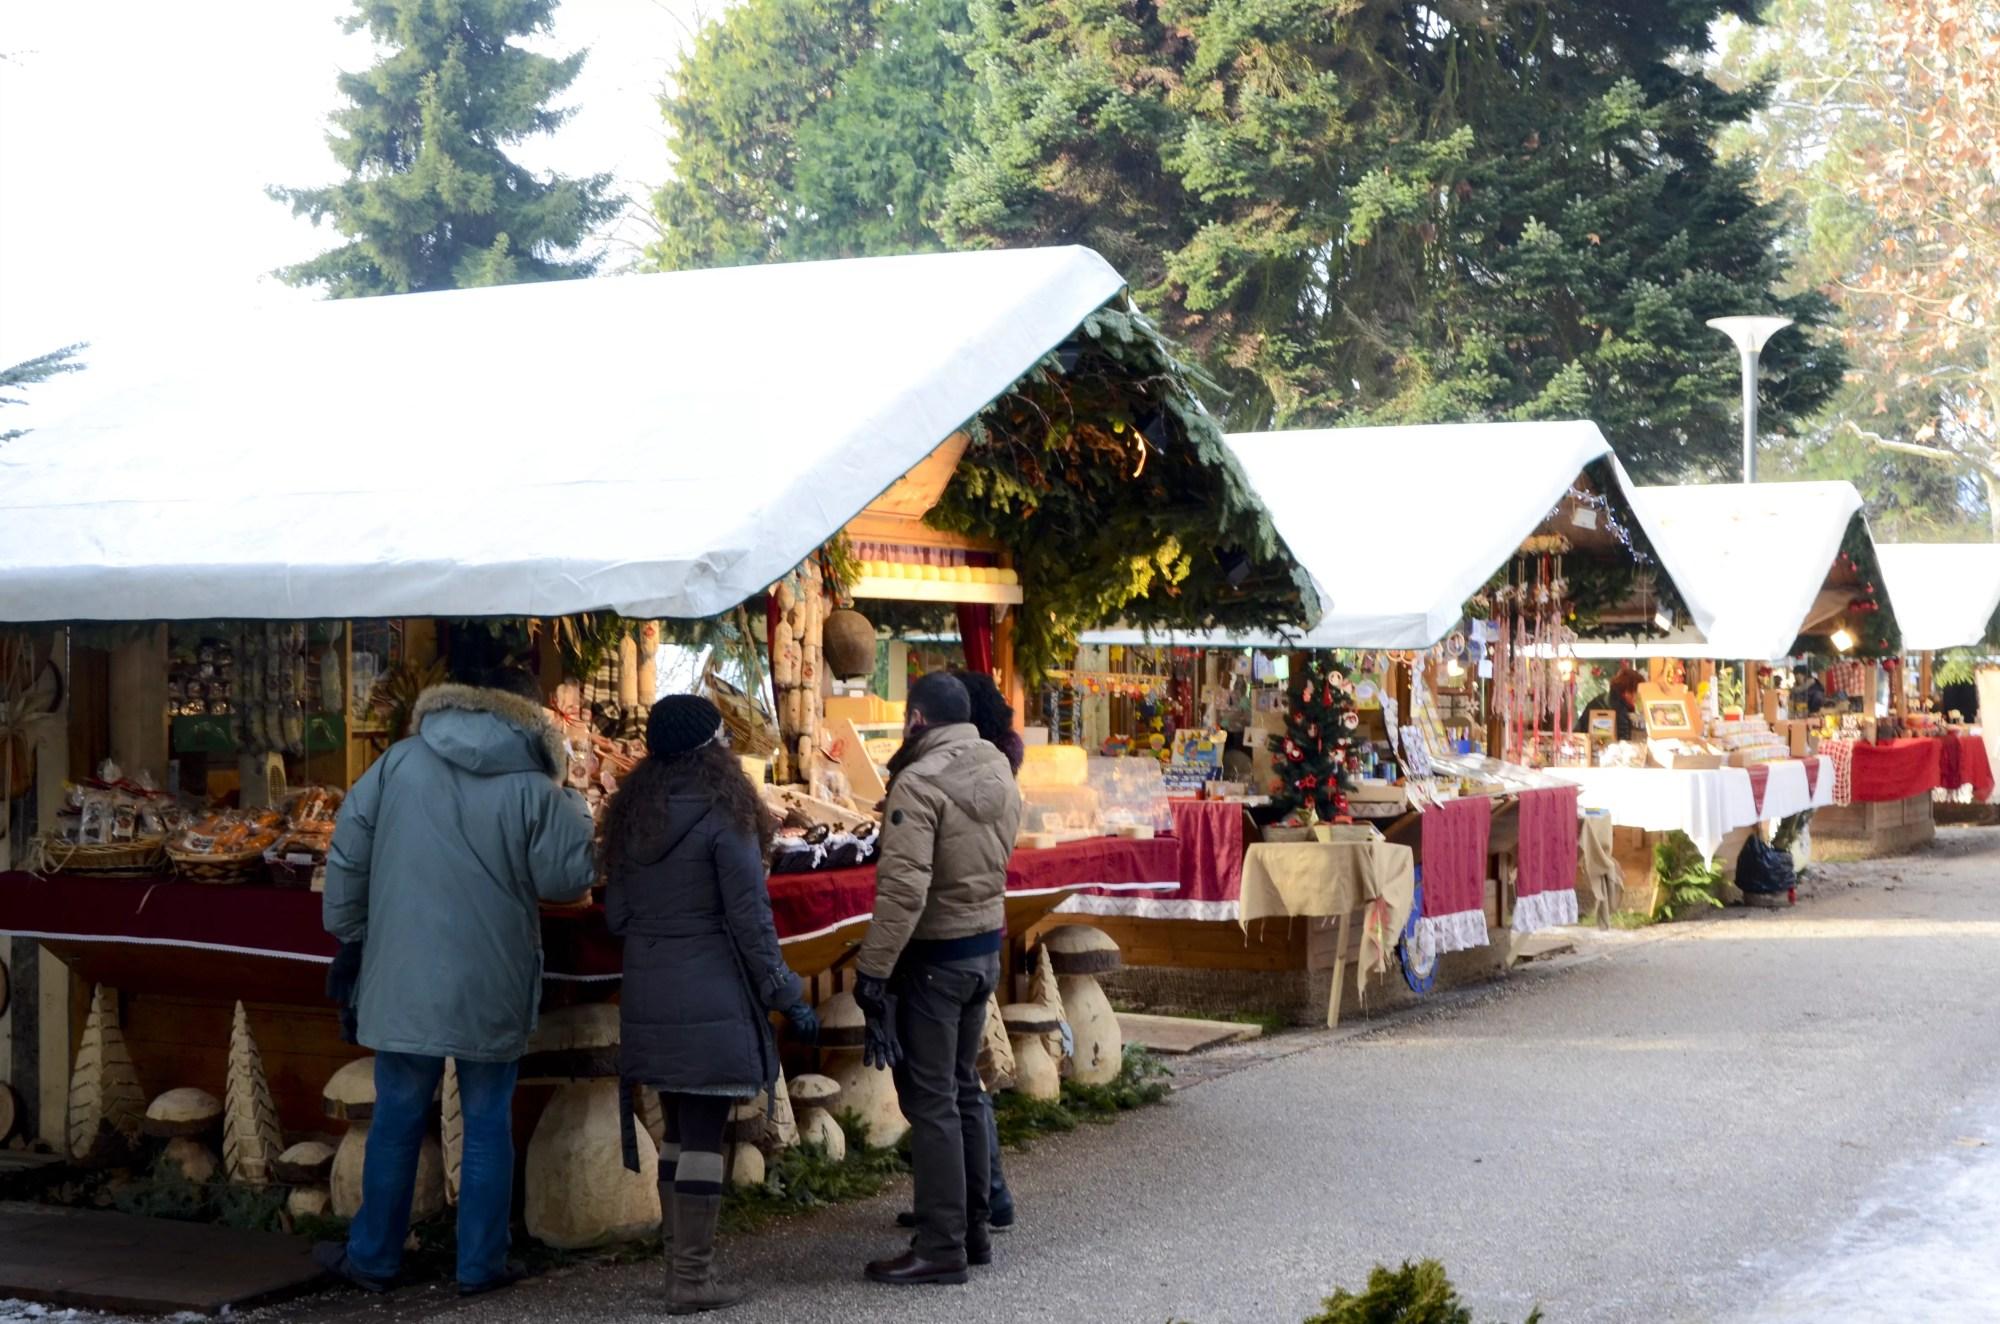 Mercatino di Natale di Levico Terme - Trentino Alto Adige